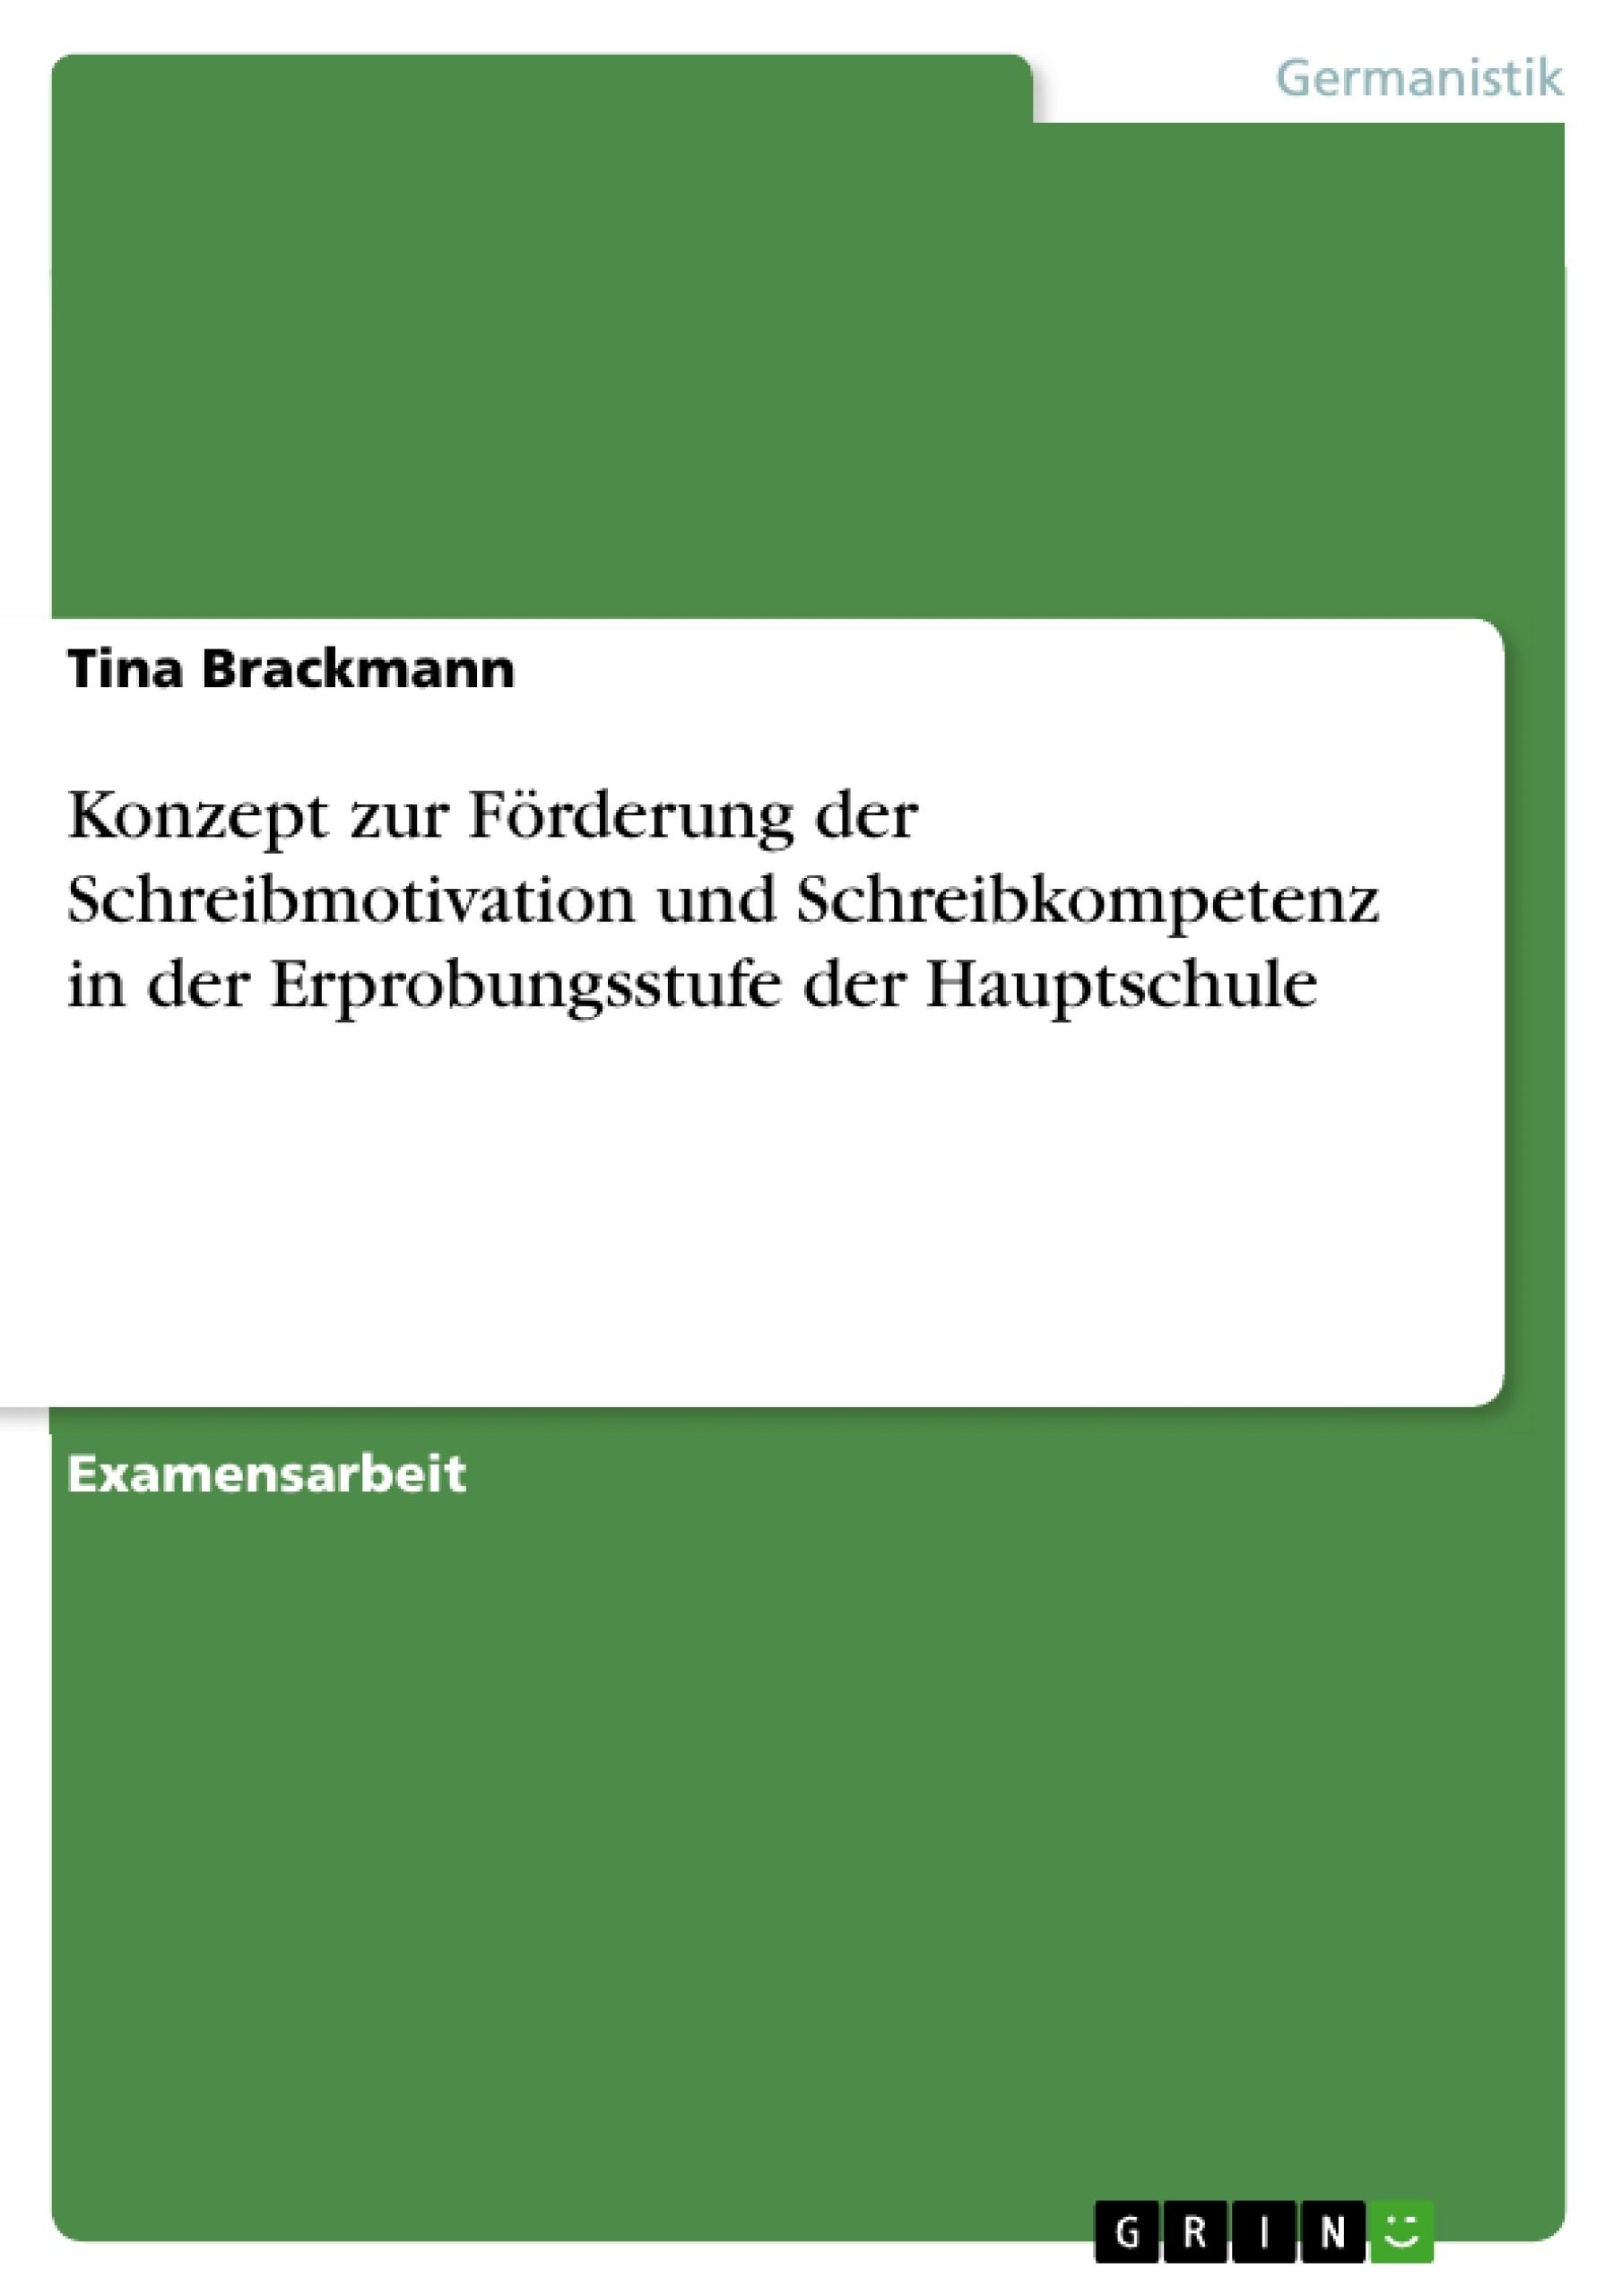 Titel: Konzept zur Förderung der Schreibmotivation und Schreibkompetenz in der Erprobungsstufe der Hauptschule